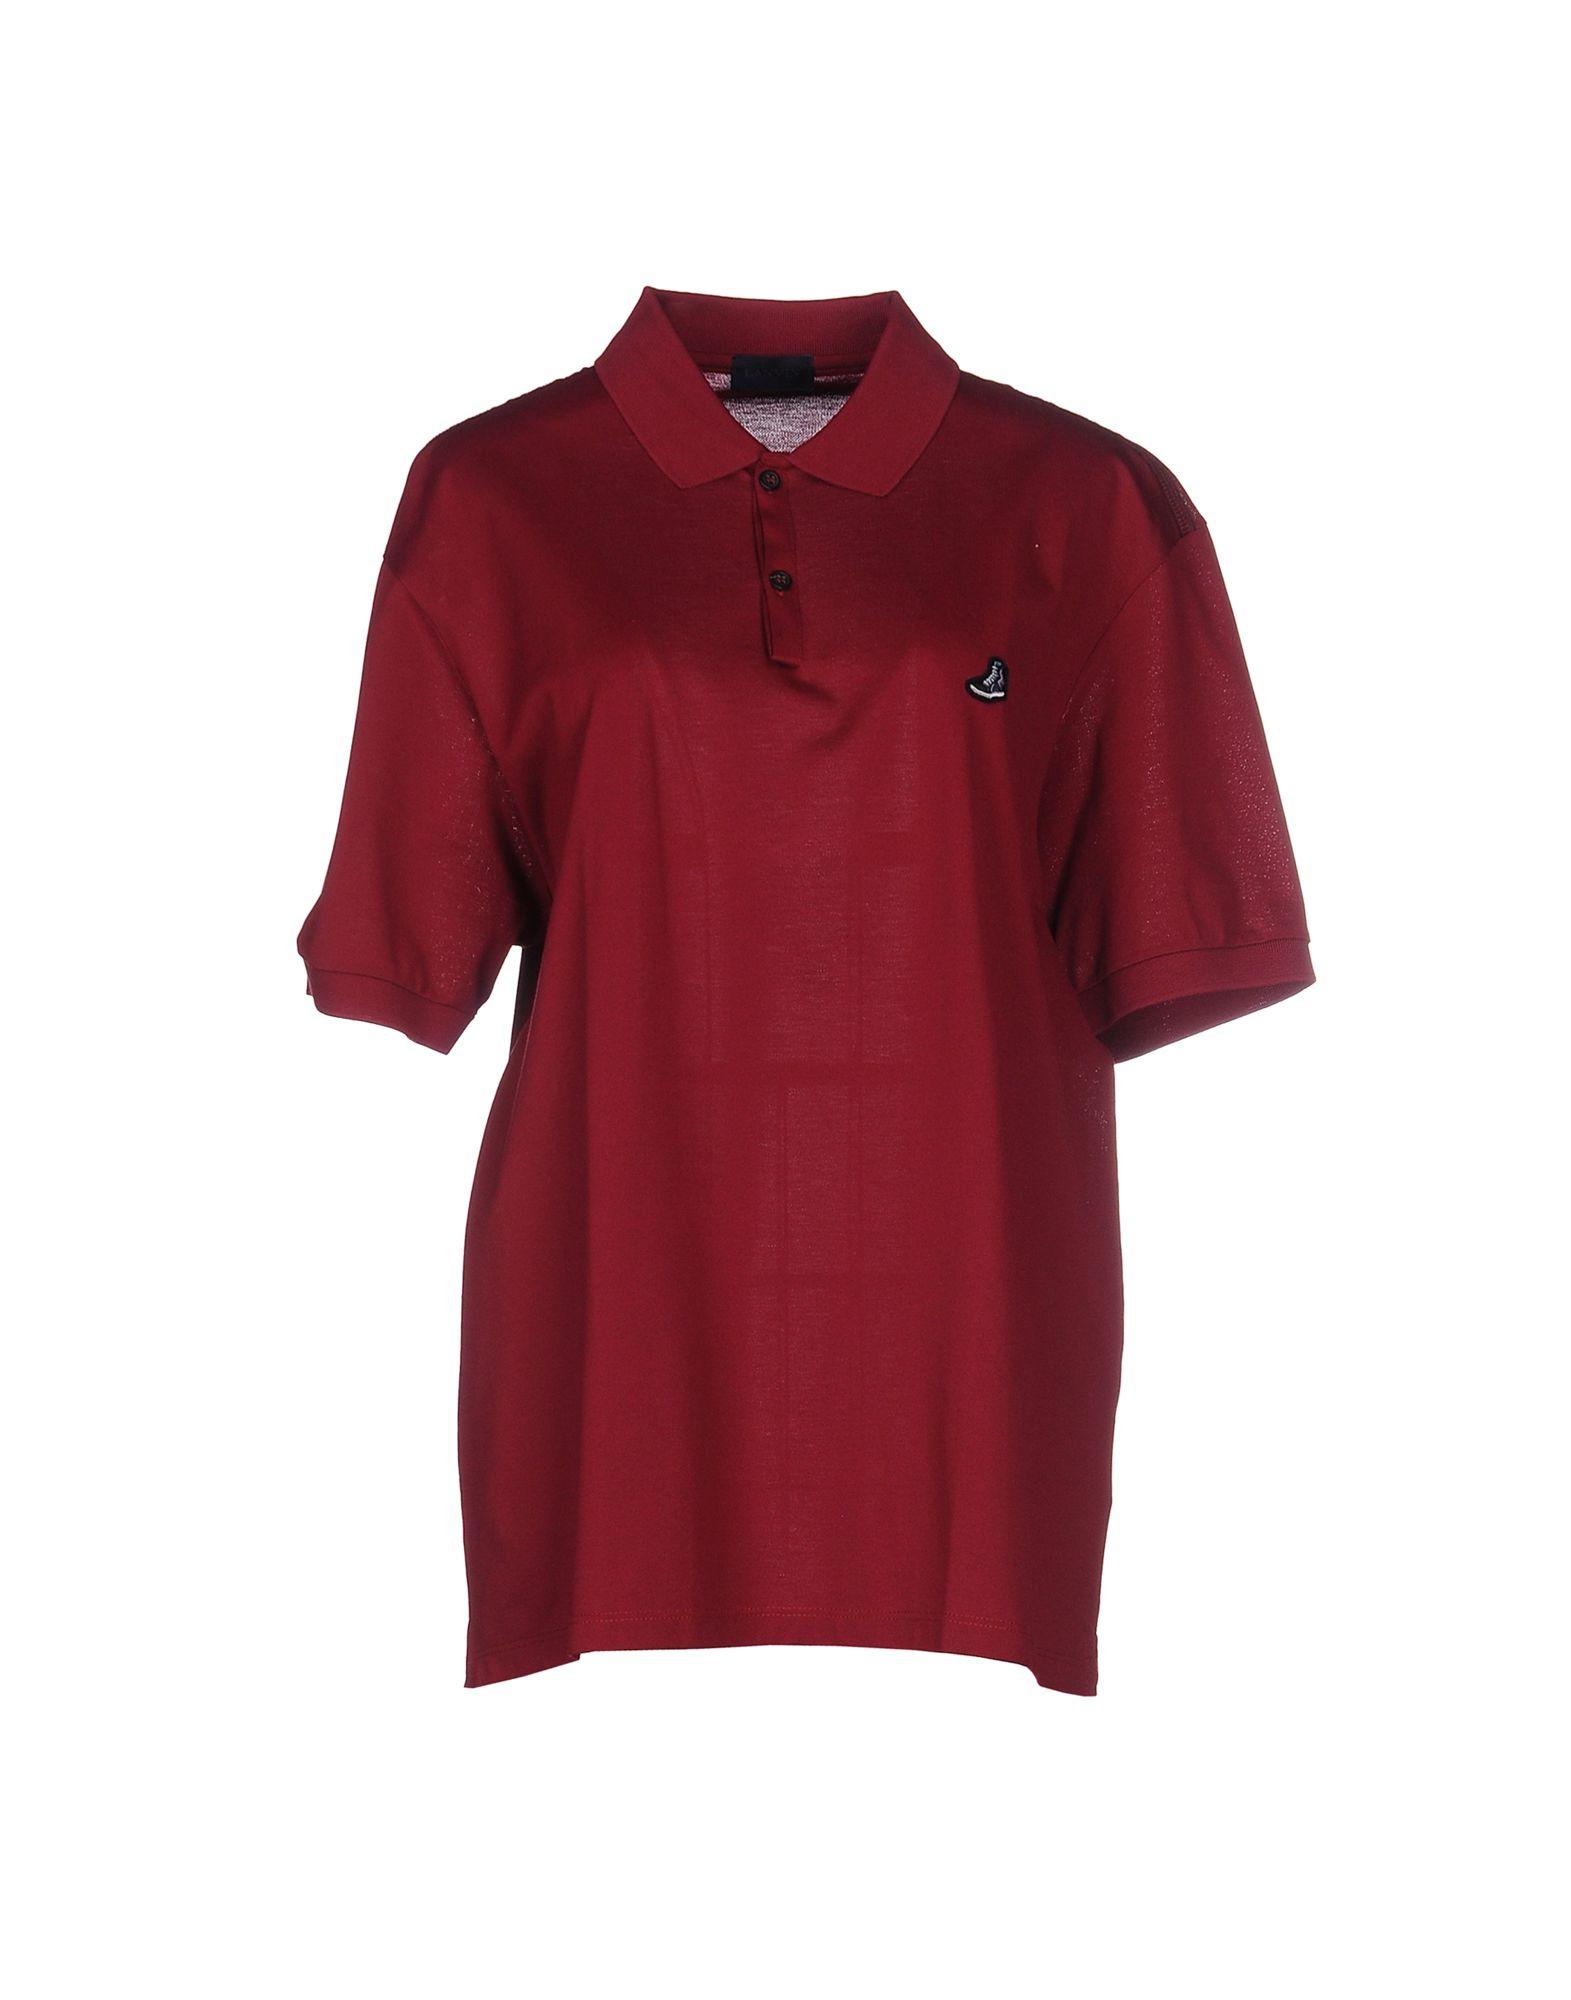 Elegant Popular Burgundy Dress ShirtsBuy Cheap Burgundy Dress Shirts Lots